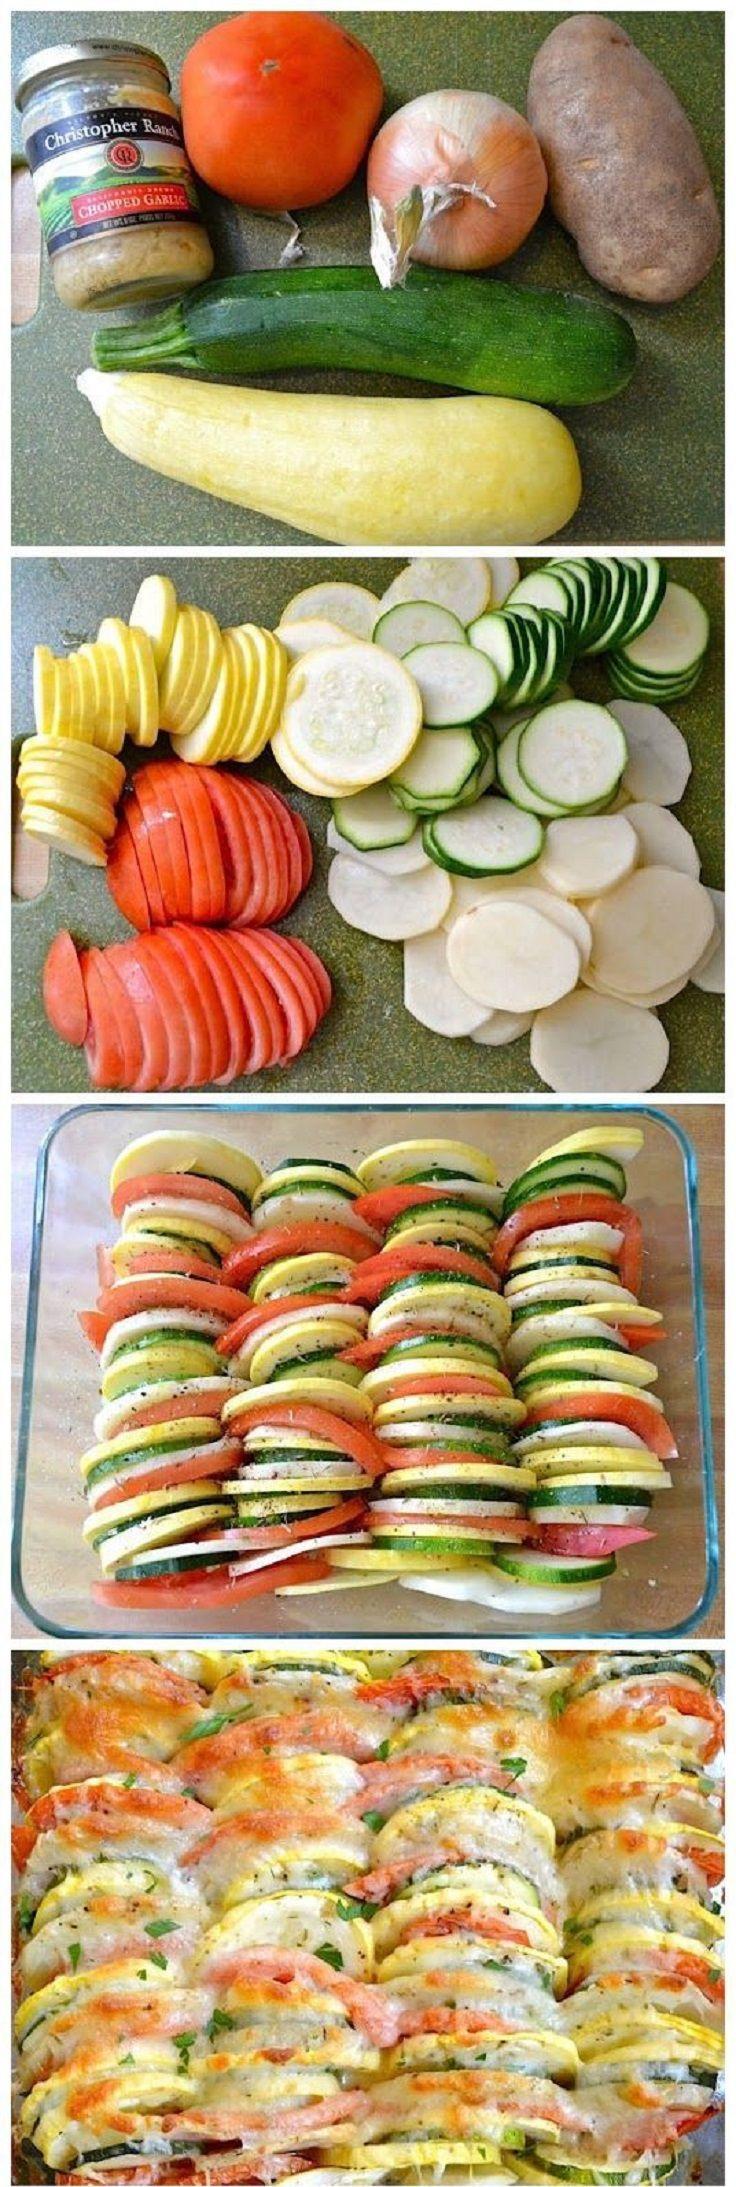 תבשיל ירקות בתנור חתוכות בסכין אופינל סנטוקו 119